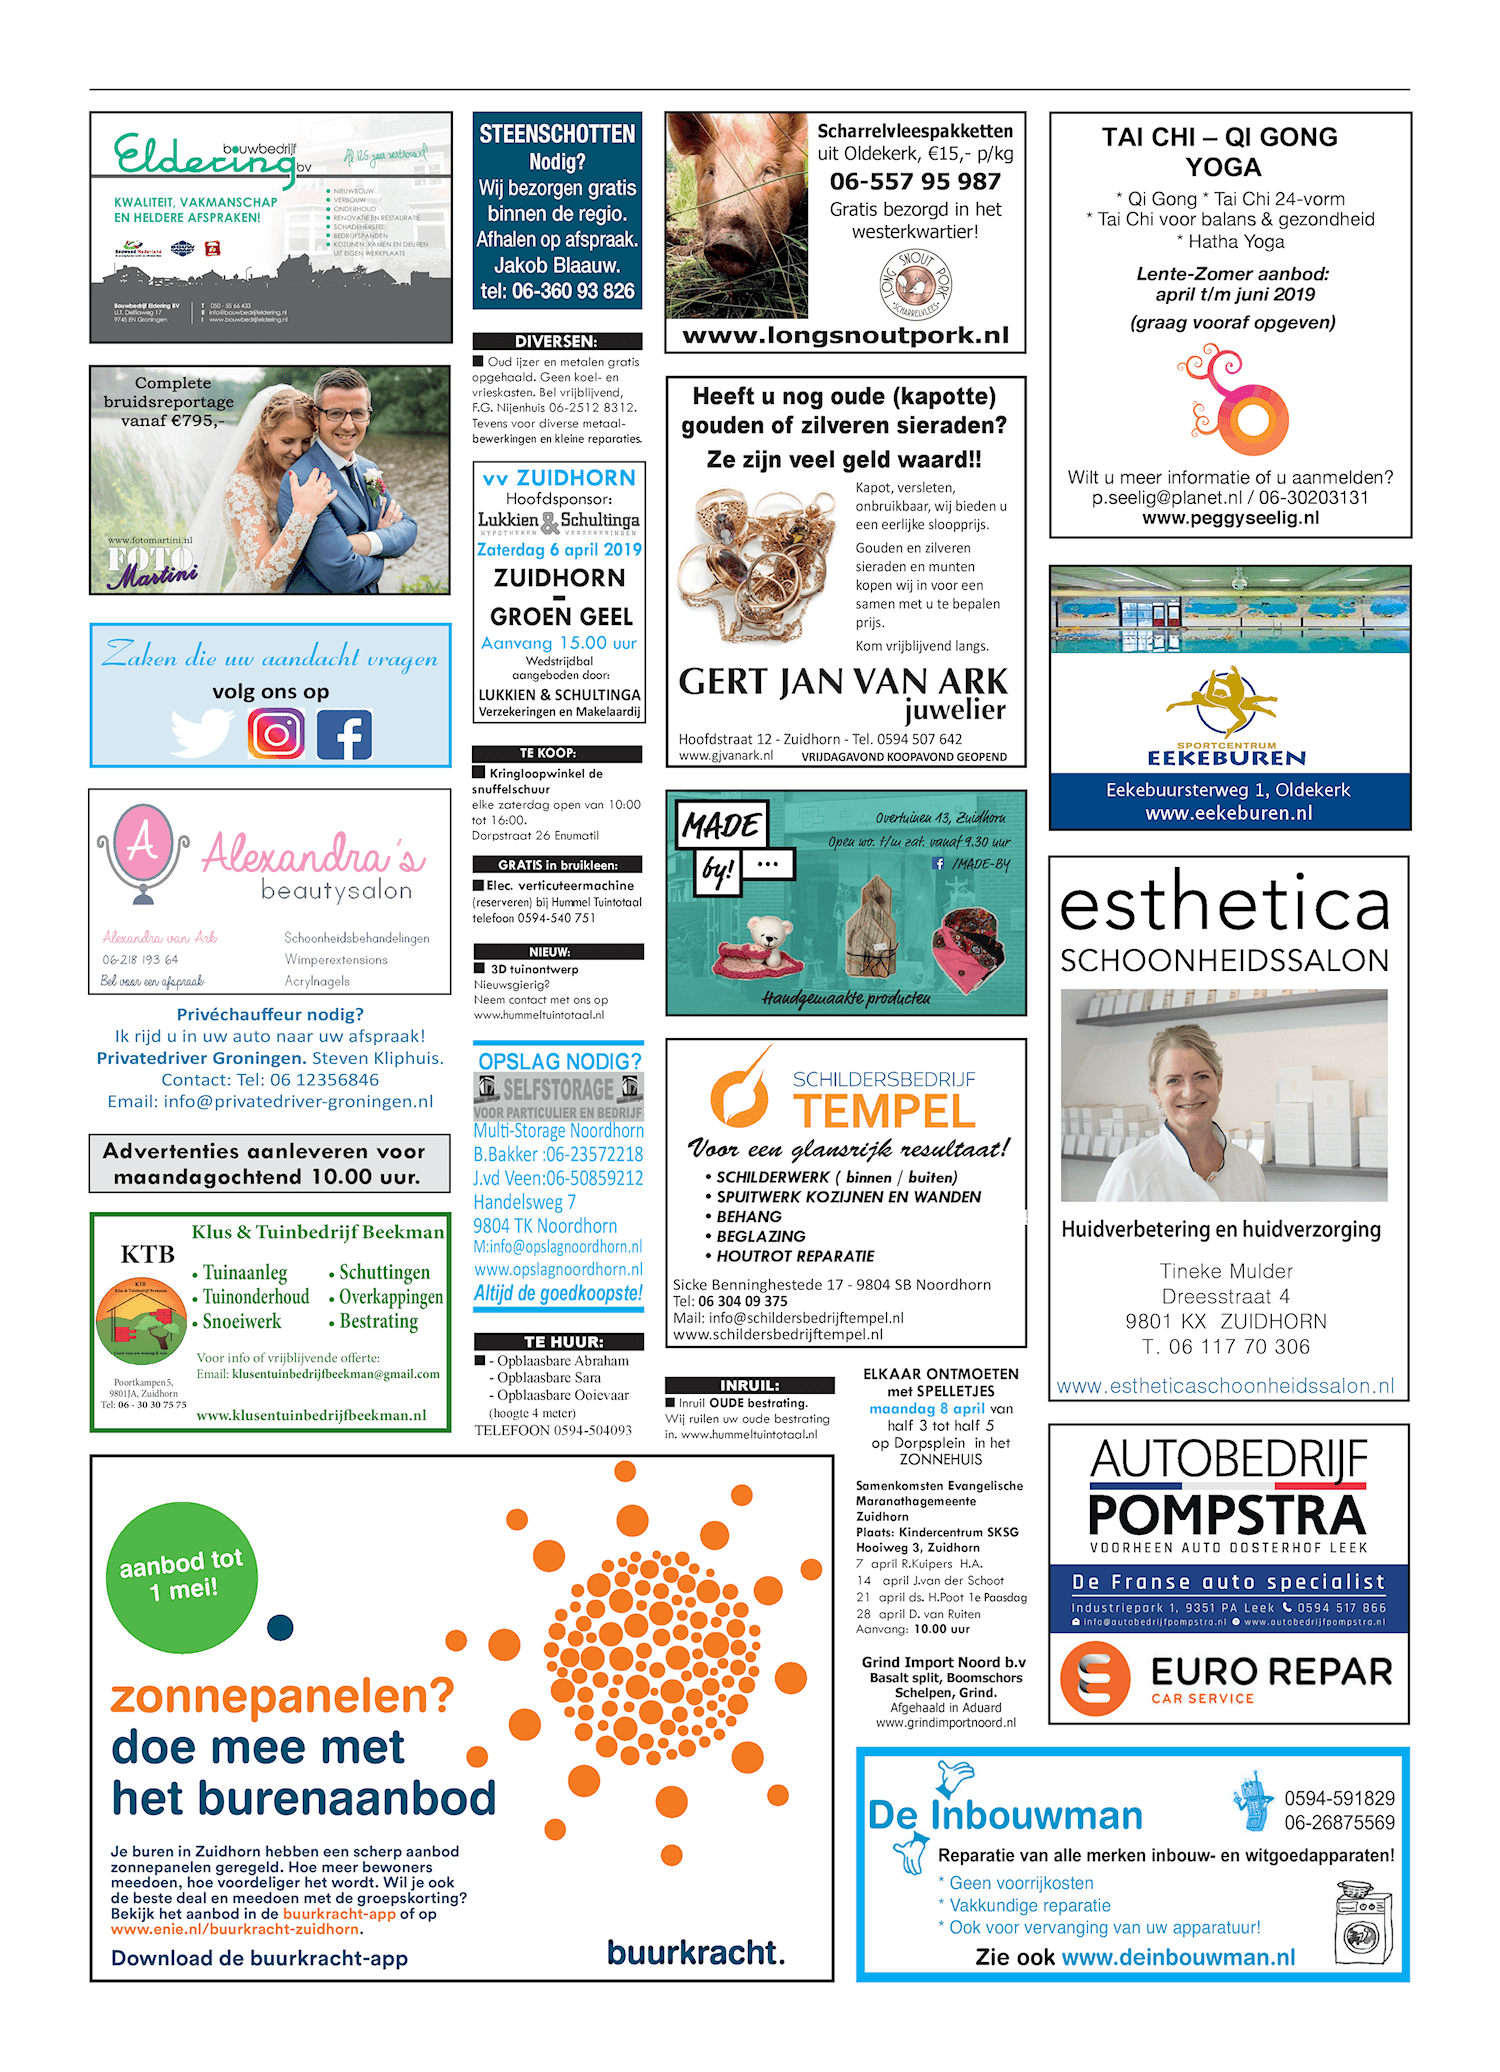 Drukkerij Hekkema - Zuidhorn - Zaken die uw aandacht vragen 2019 week 14